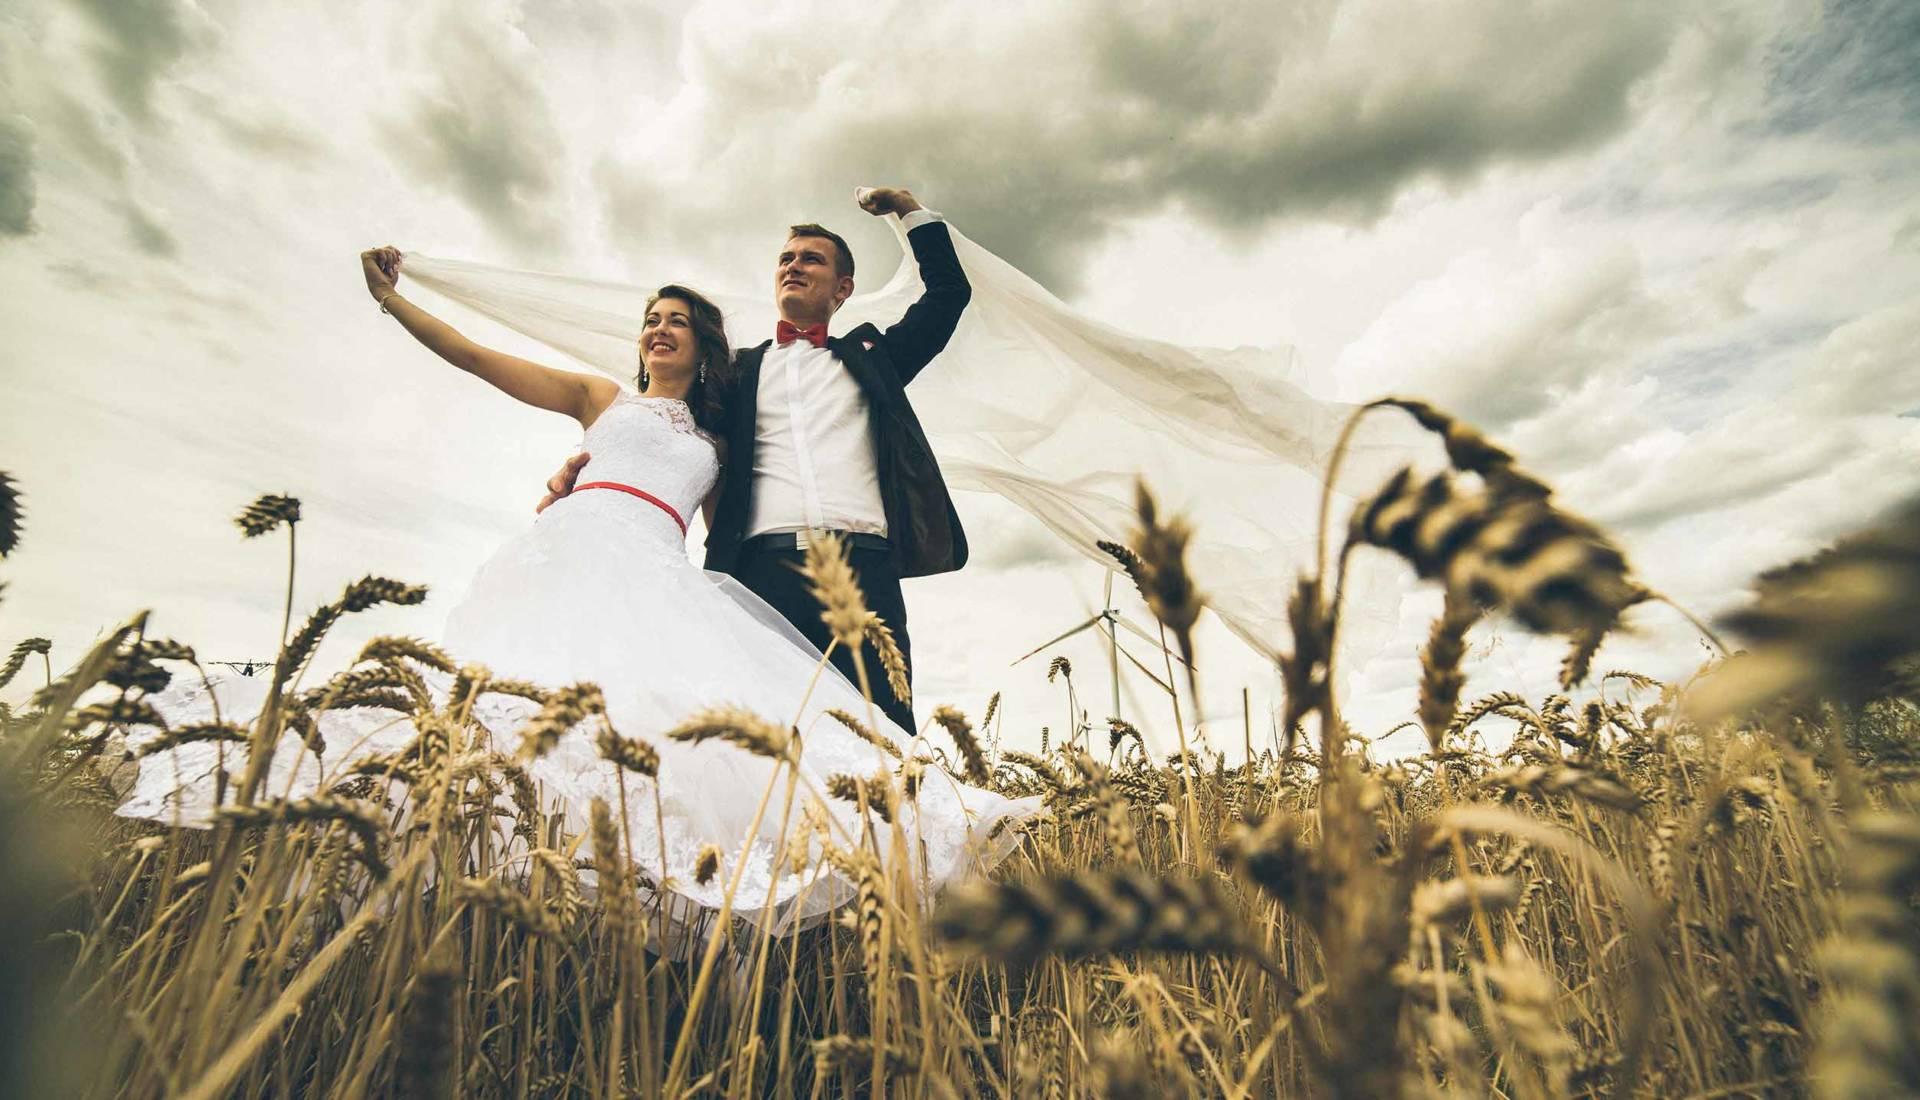 ŚwiatłoCzuły – fotograf Kazimierz Chmiel – fotografia ślubna Zamość - Światłoczuły - Kazimierz Chmiel - fotografia ślubna Zamość